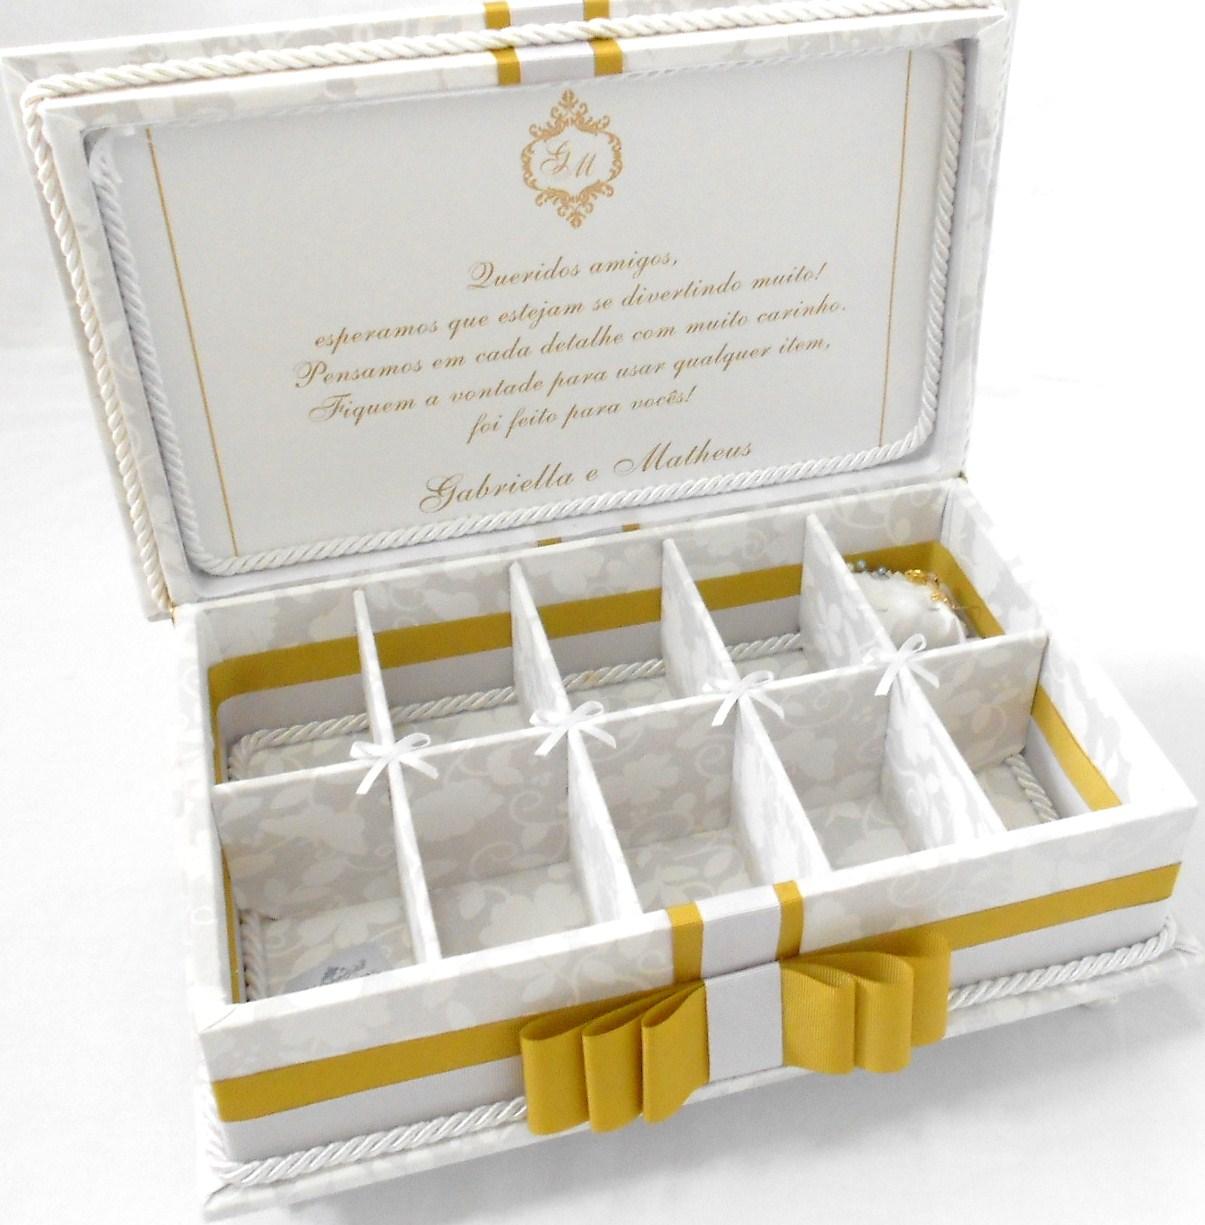 Divina Caixa: caixa de madeira forrada em tecido com iniciais e  #774703 1205x1225